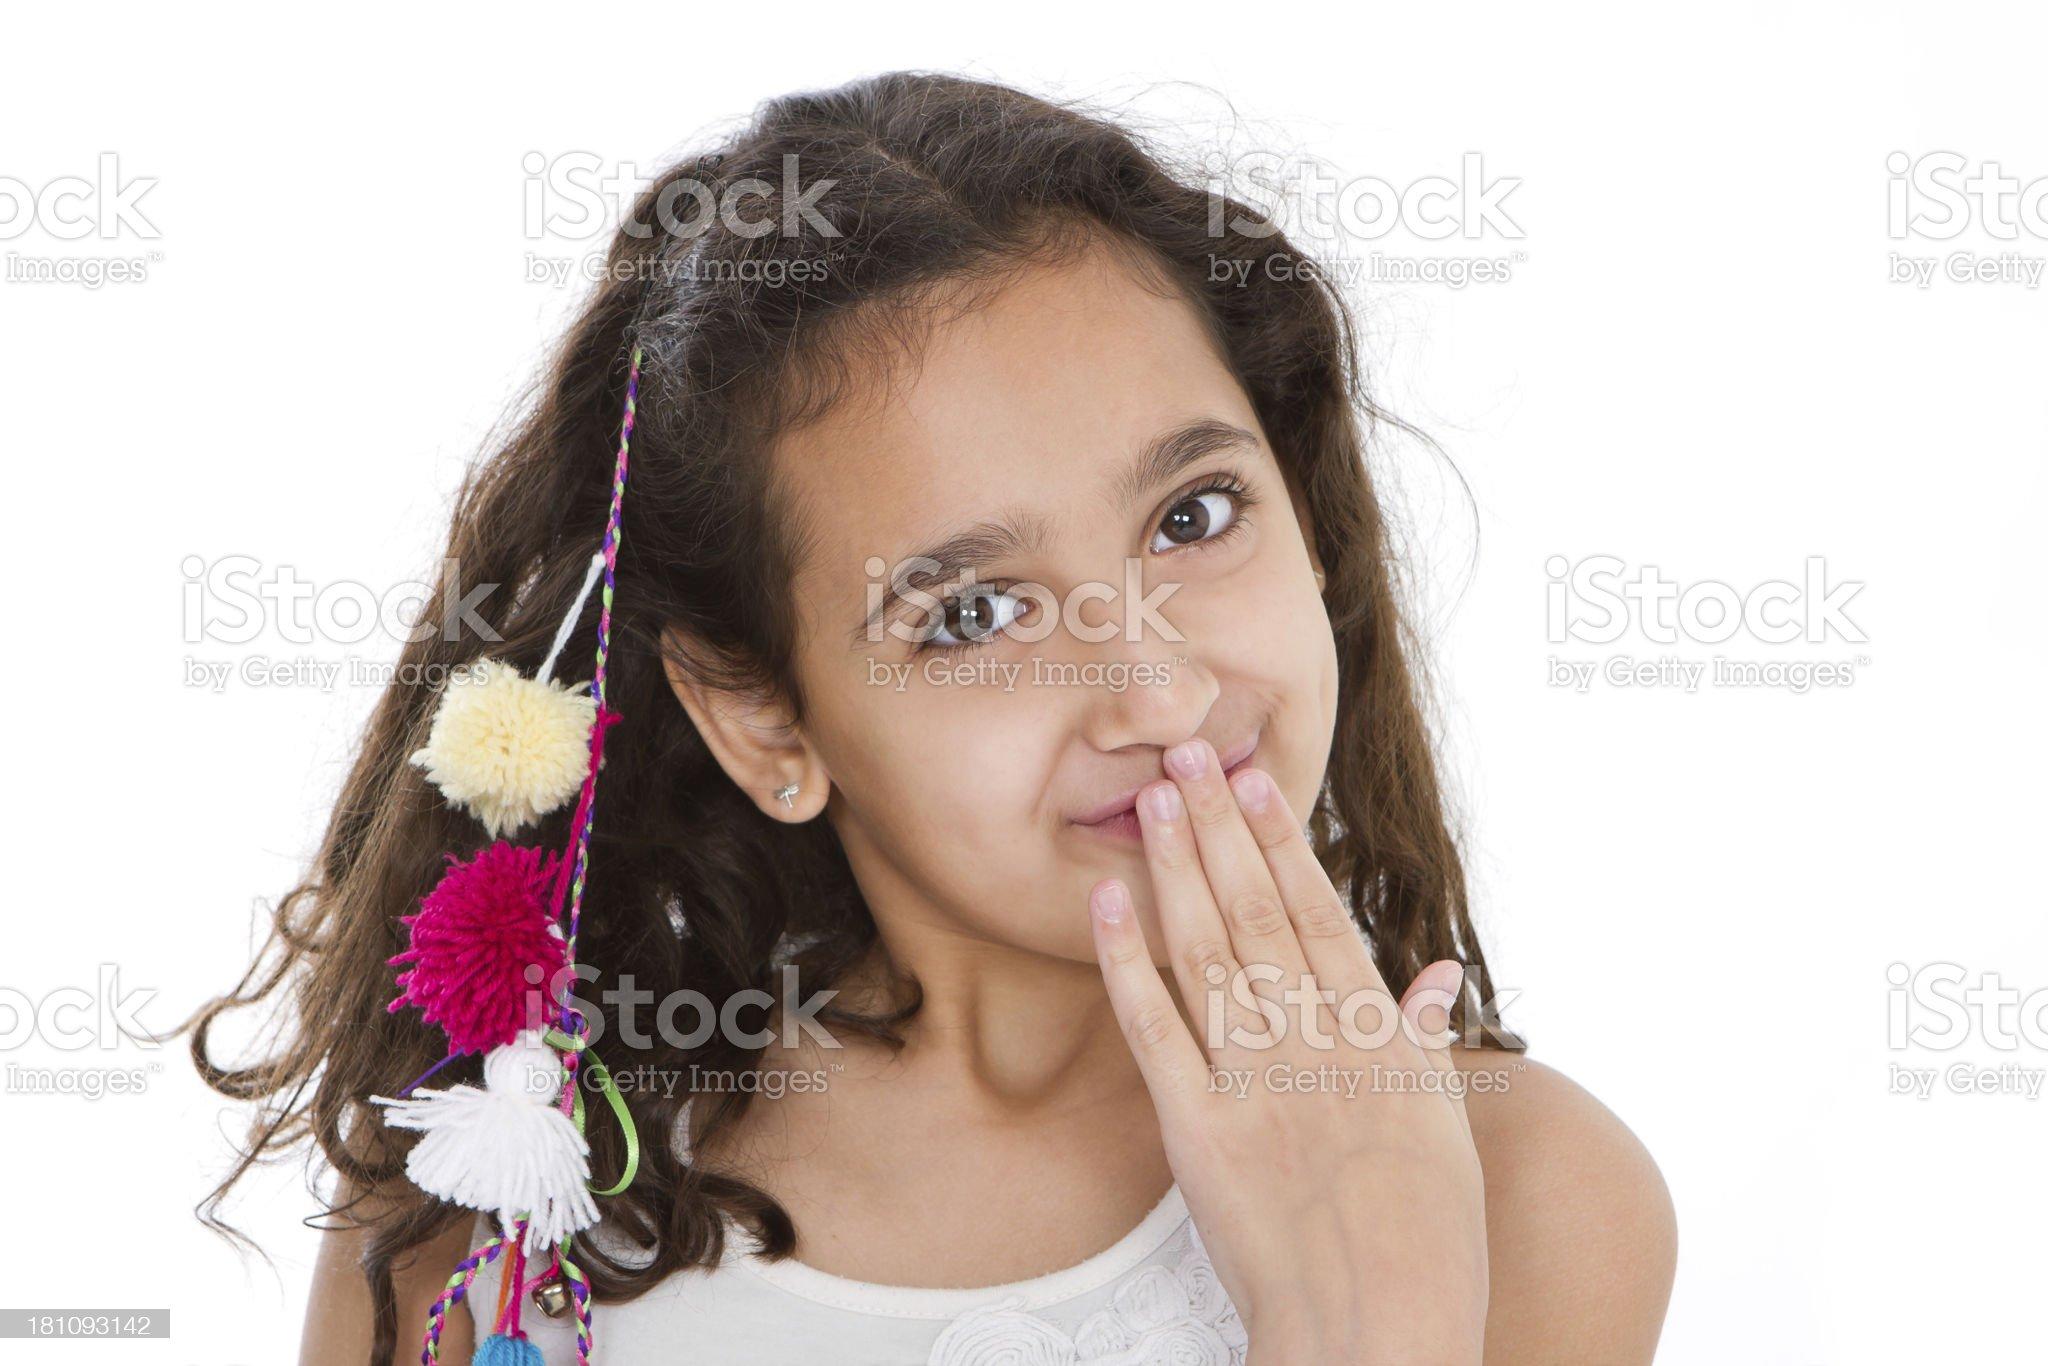 Cute latin american girl looking at camera royalty-free stock photo